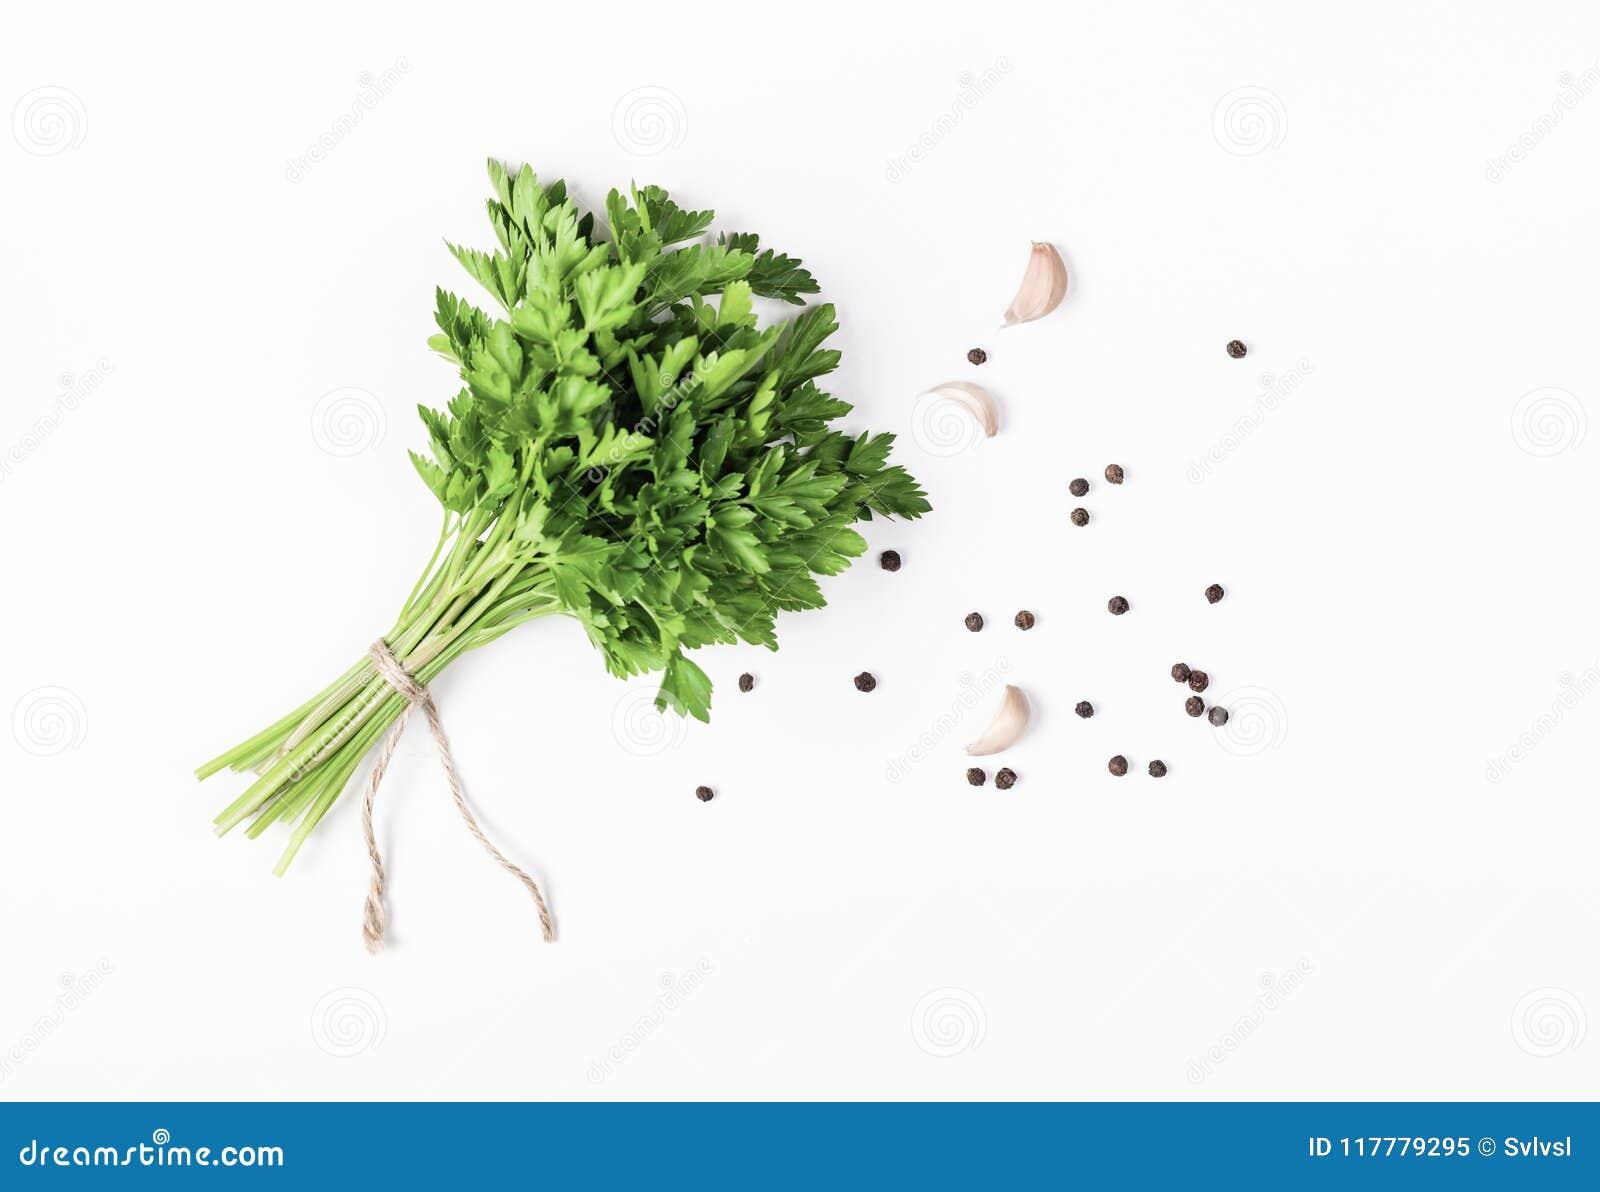 Kräuter und Gewürze lokalisiert auf weißem Hintergrund Petersilie, Knoblauch und Pfeffer Bestandteile für das Kochen Flache Lage